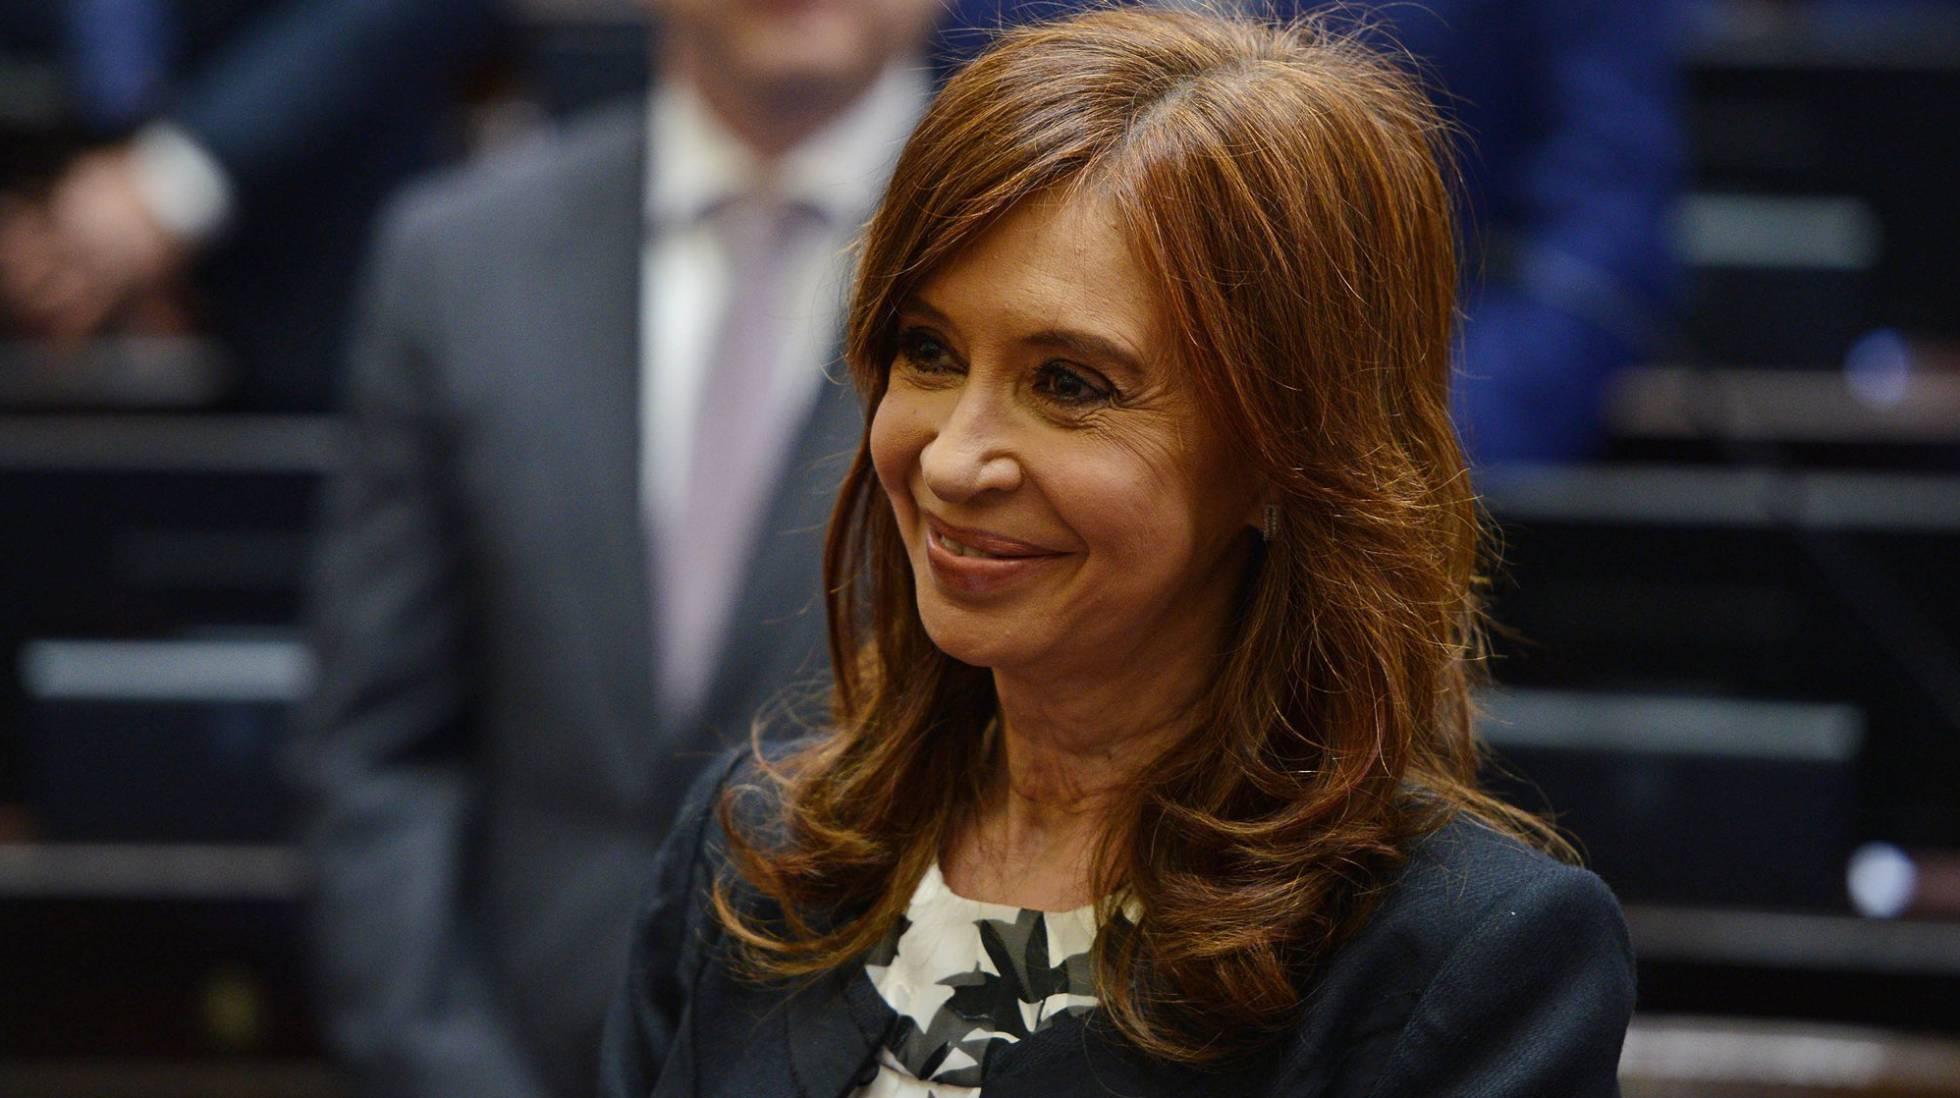 Juiz decreta prisão de Cristina Kirchner e pede autorização ao Congresso para detê-la